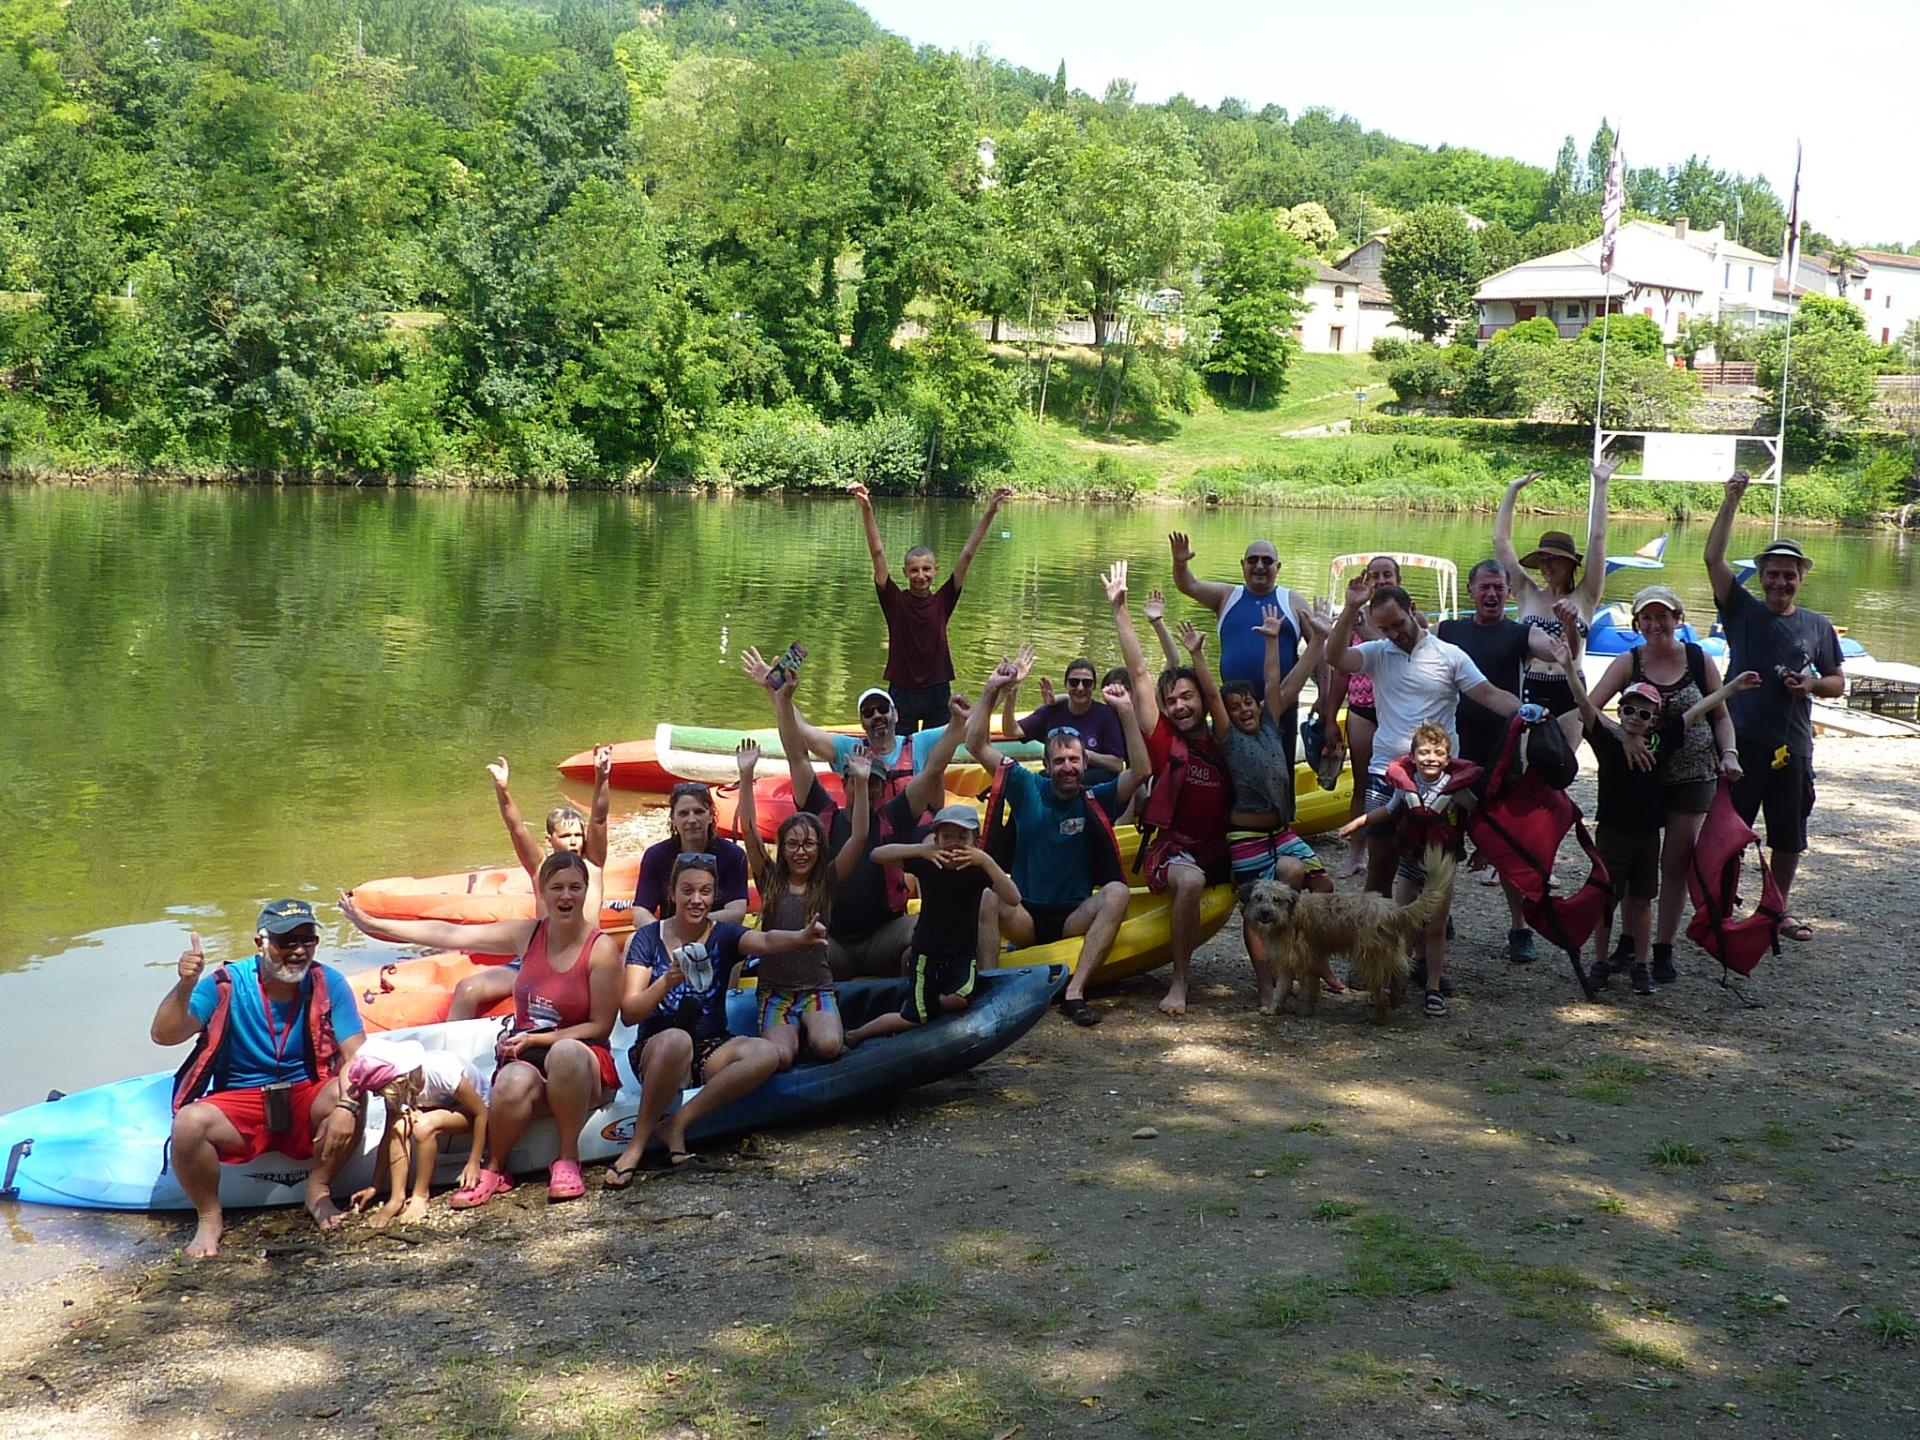 Sortie fin de saison Wa-Jutsu Villenevois et Agenais 1er juillet 2018 Castelmoron